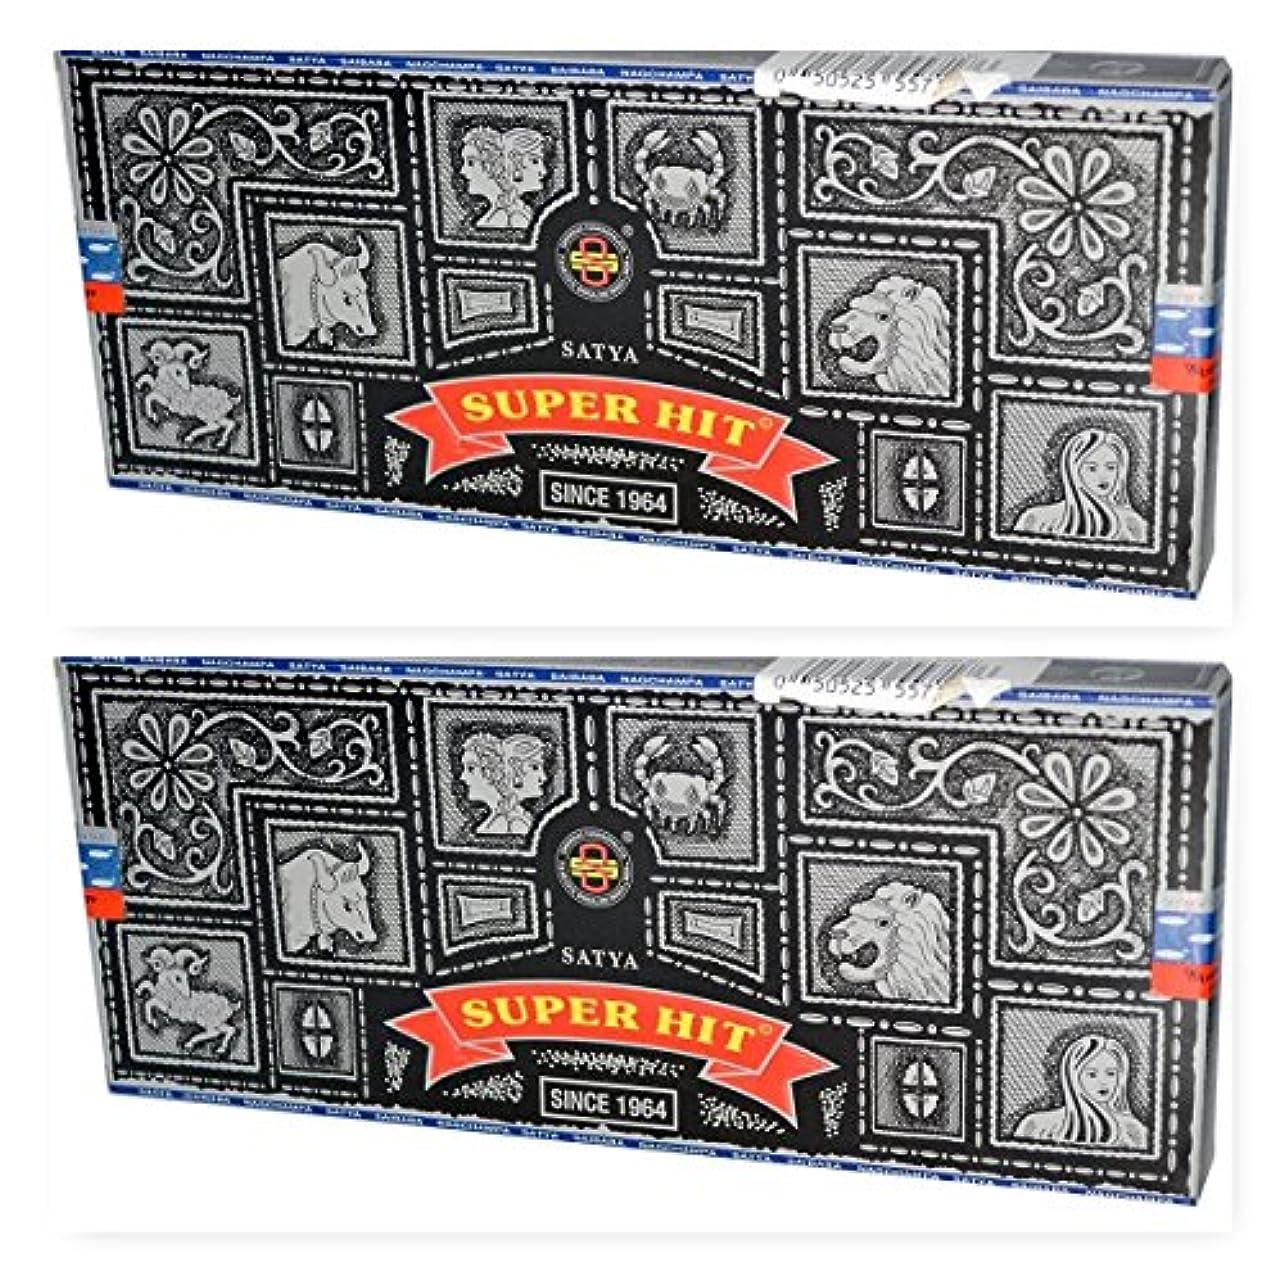 従順なブランクパイントSatya Sai Babaスーパーヒット香スティック、100-gram ( Pack of 2 )